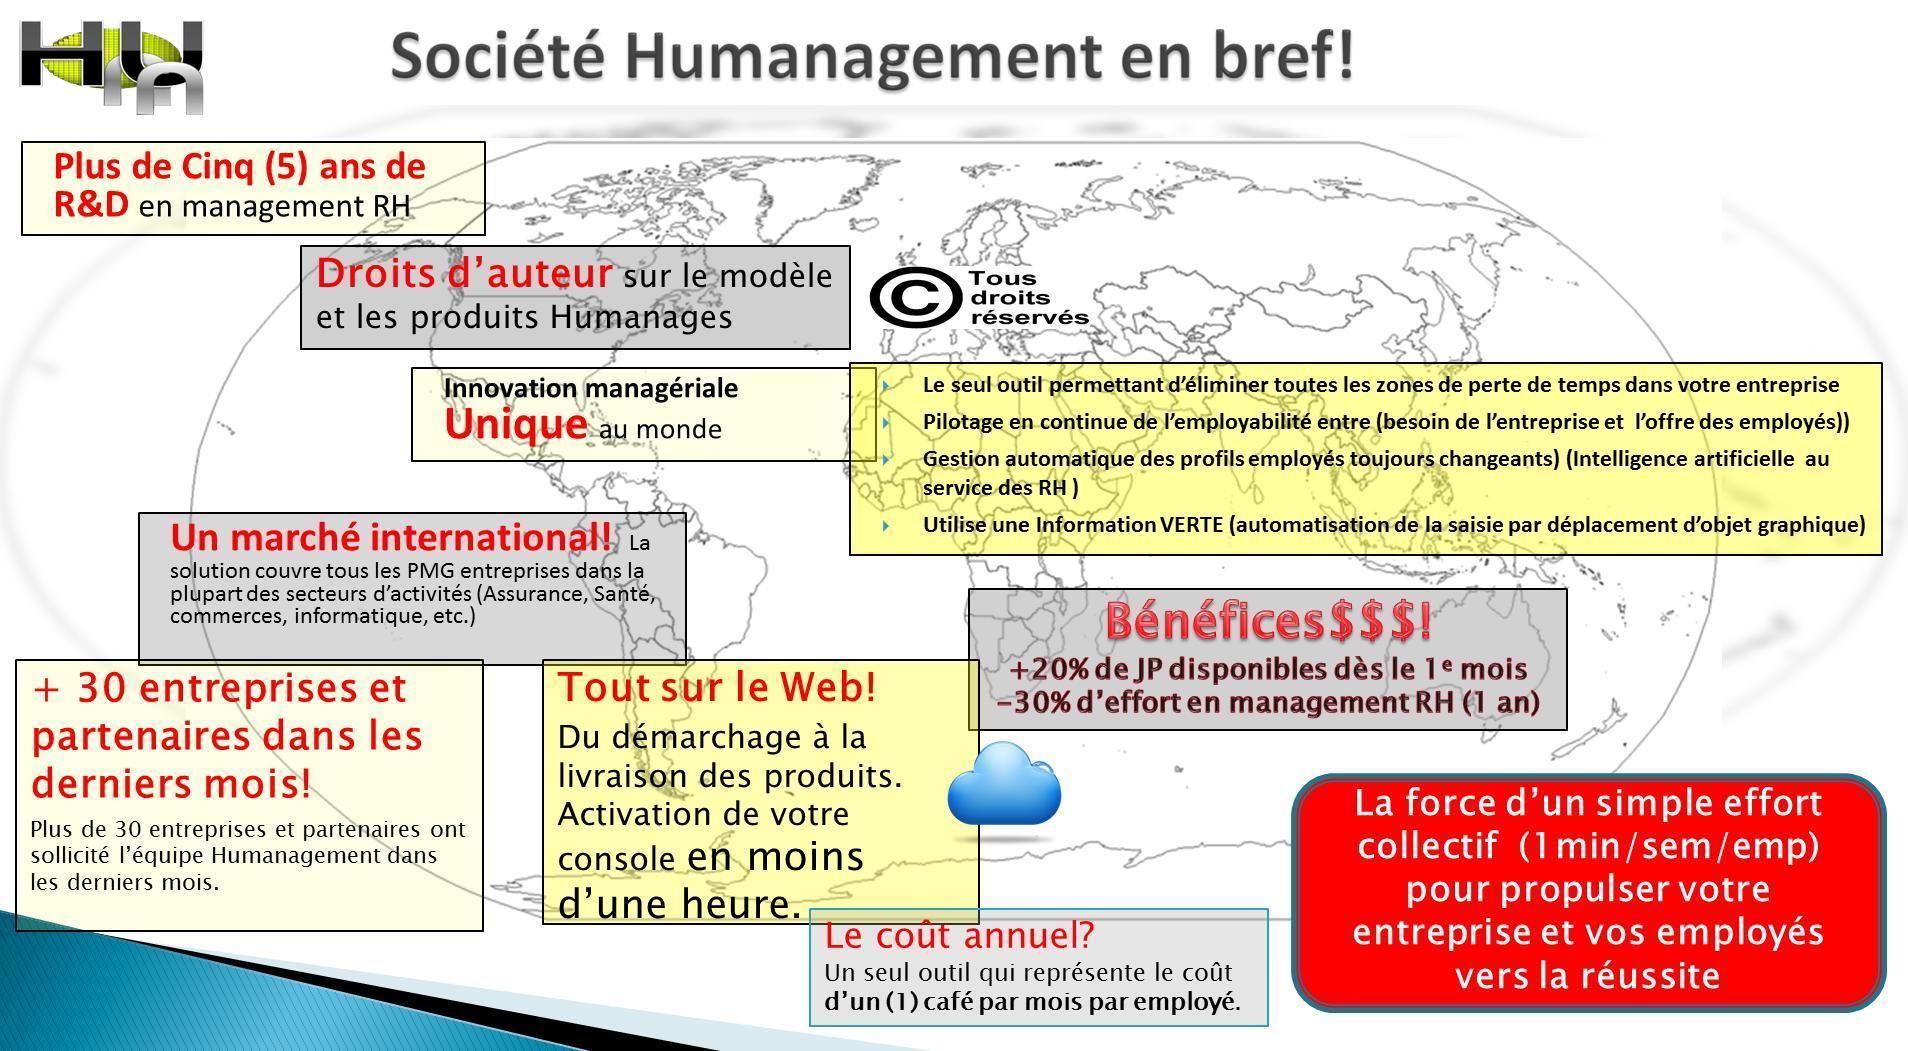 Humanagement Inc.-humange en bref